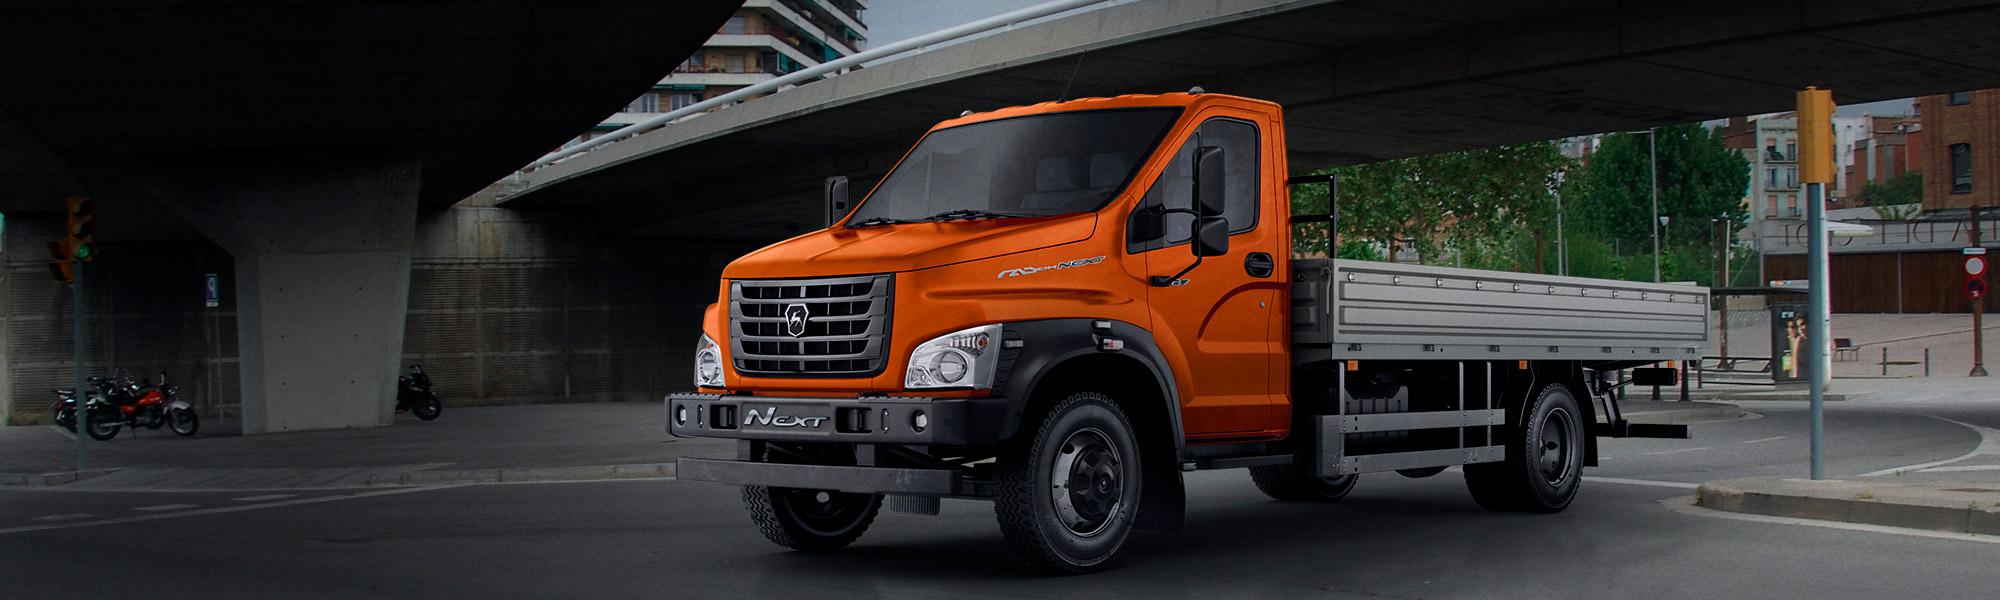 Автомобиль ГАЗон NEXT 8,7 тонн Городской CITY. Десктопное изображение